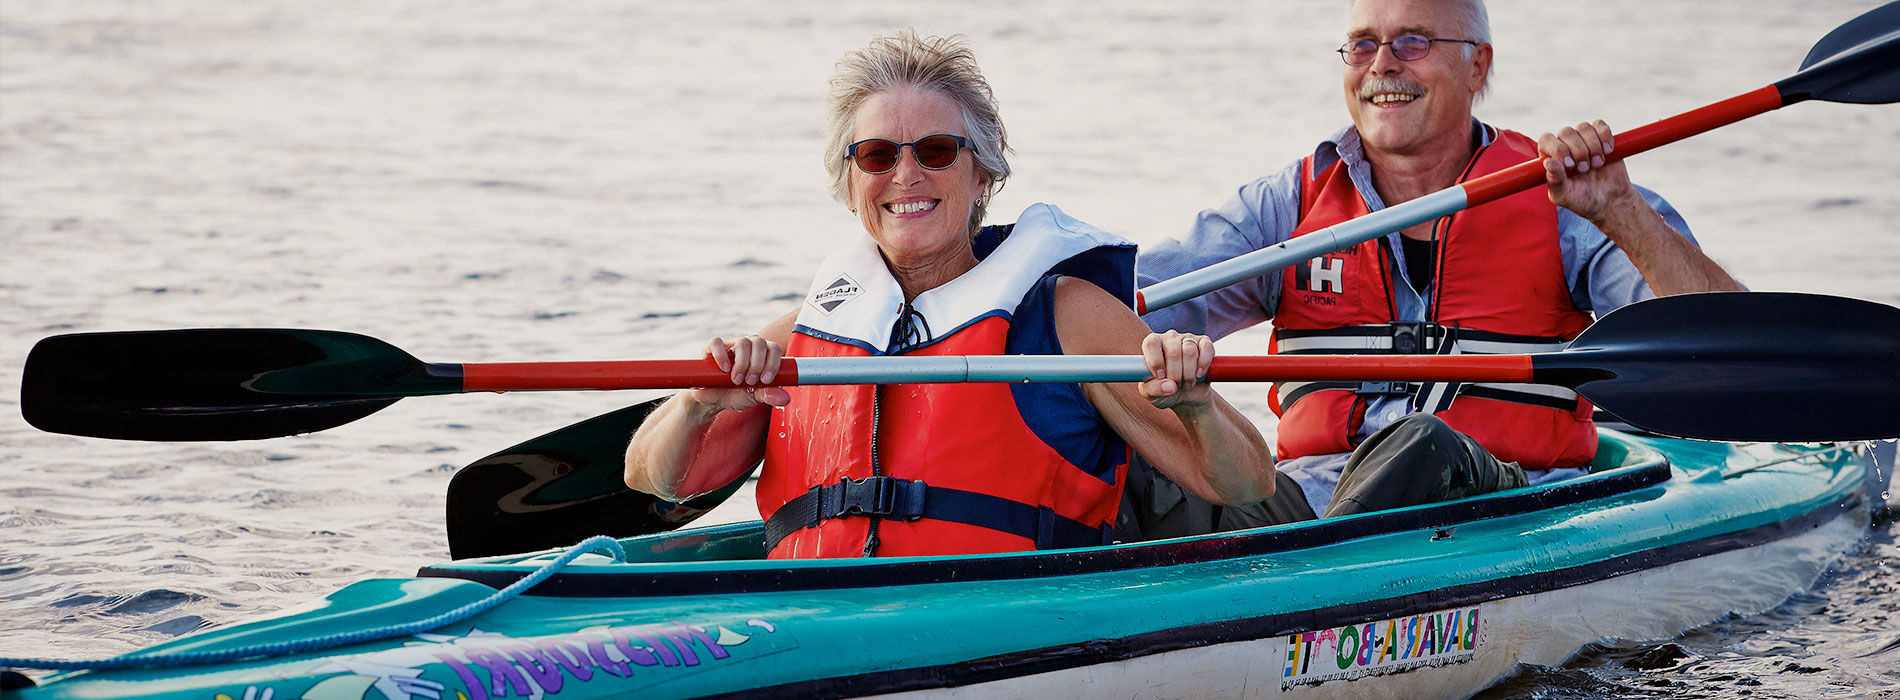 GENSTART -fra et aktivt arbejdsliv til et aktivt seniorliv